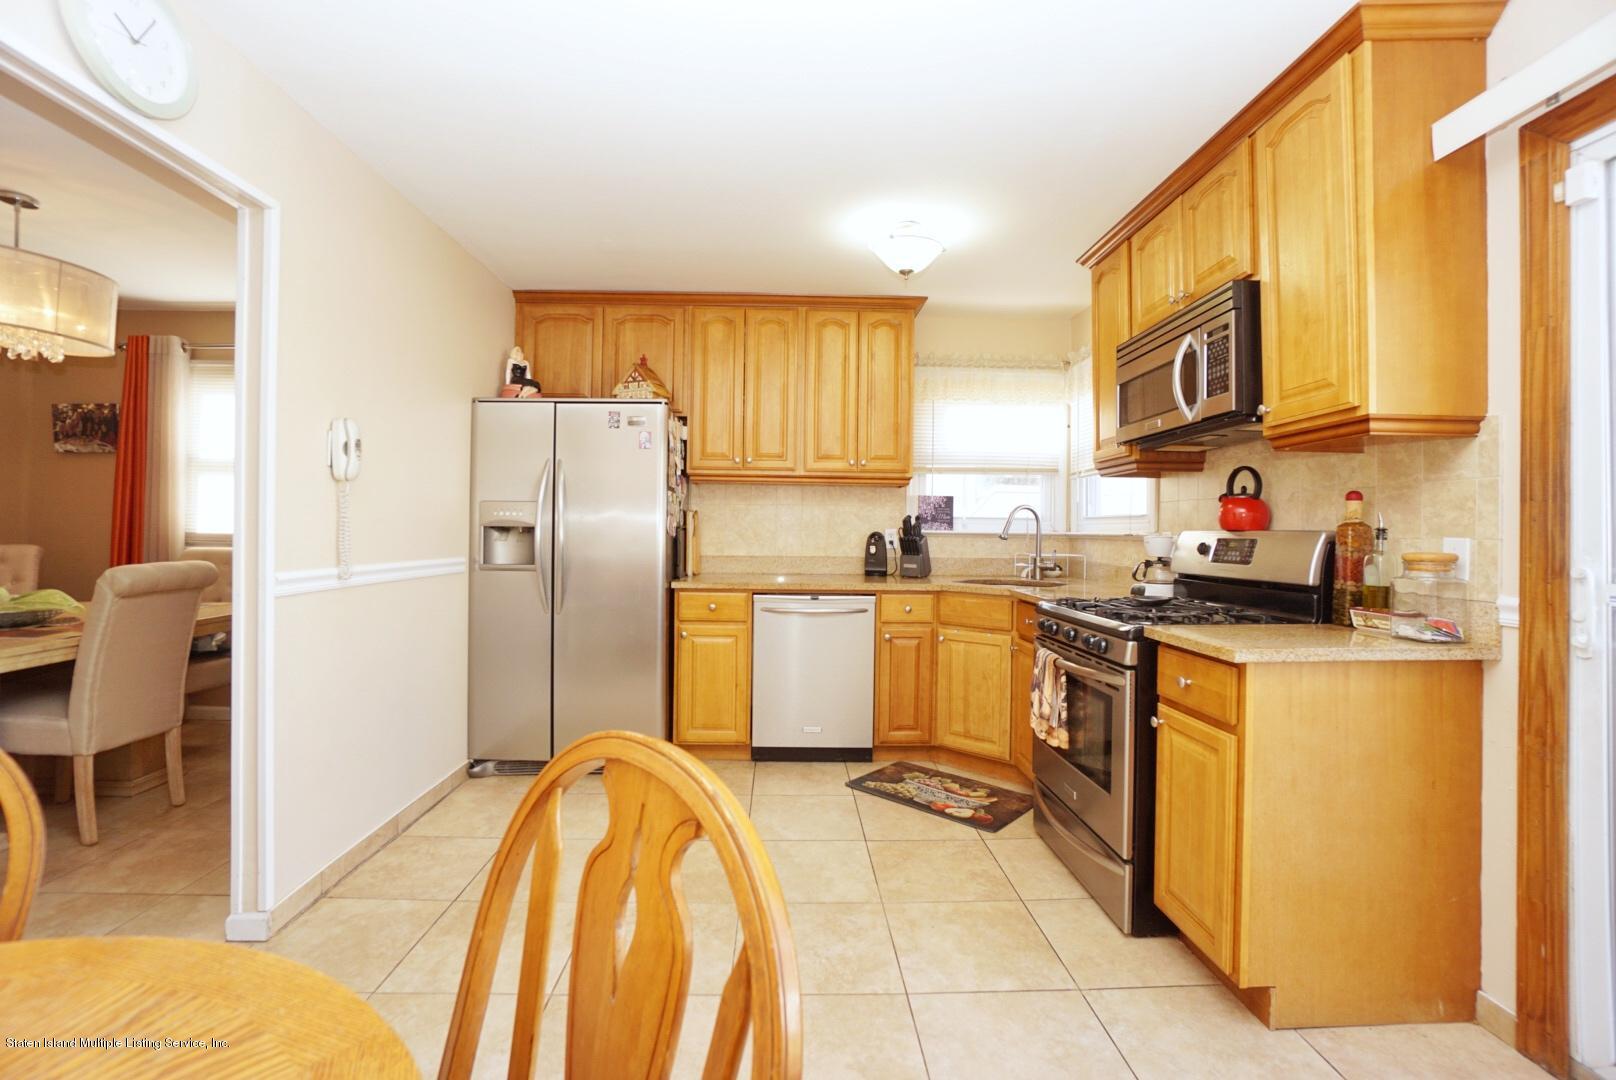 Single Family - Semi-Attached 604 Drumgoole Road  Staten Island, NY 10312, MLS-1141487-19